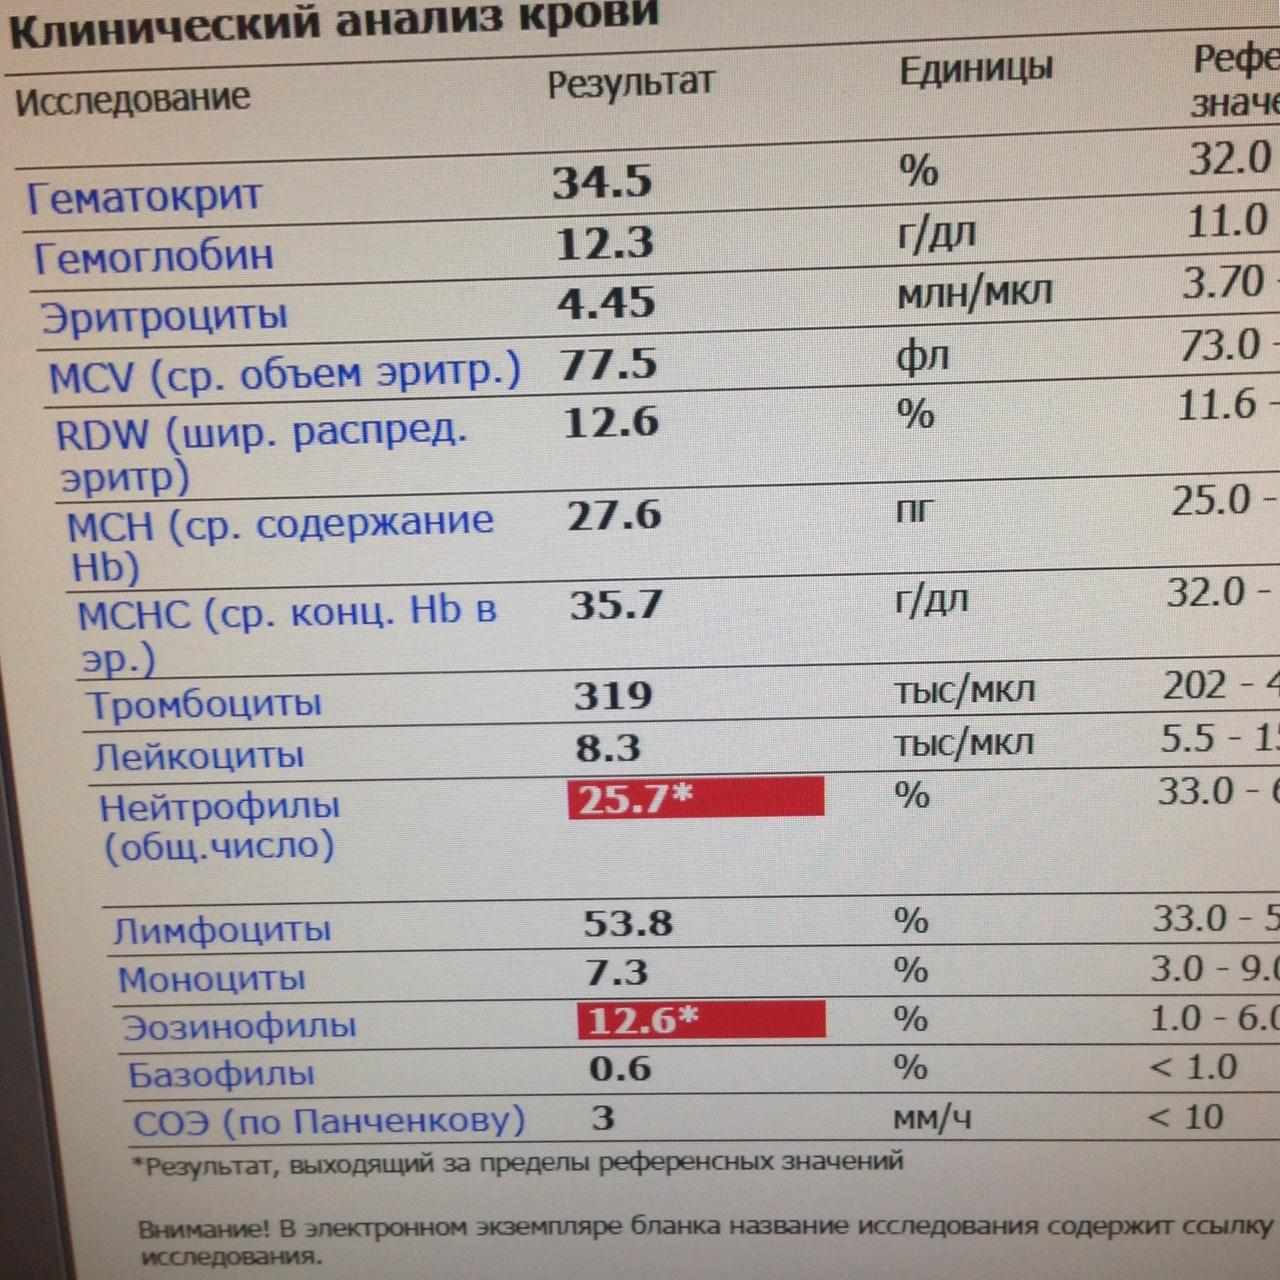 Анализ крови на иммуноглобулин е (ige) общий: что показывает повышенный или пониженный уровень антител в организме у взрослого